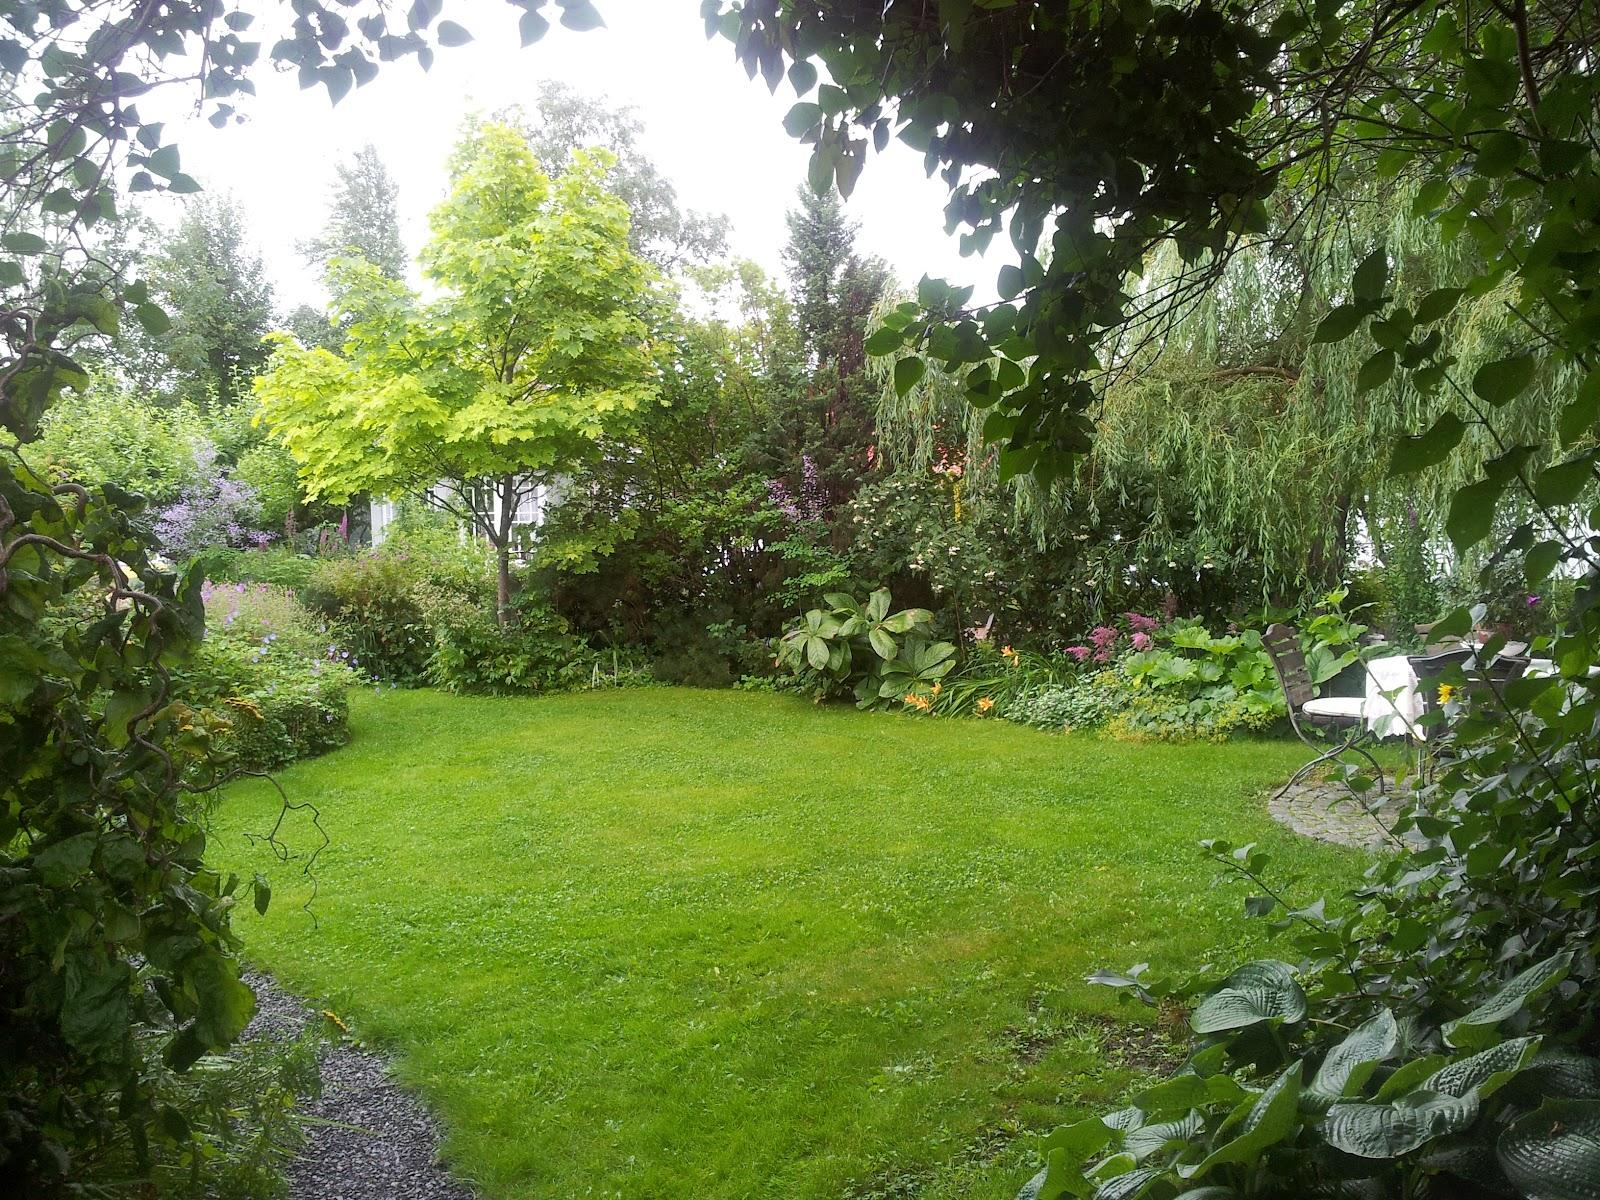 Záhrada,ktorá ťa nikdy neomrzí...divoká a krásna - Obrázok č. 86